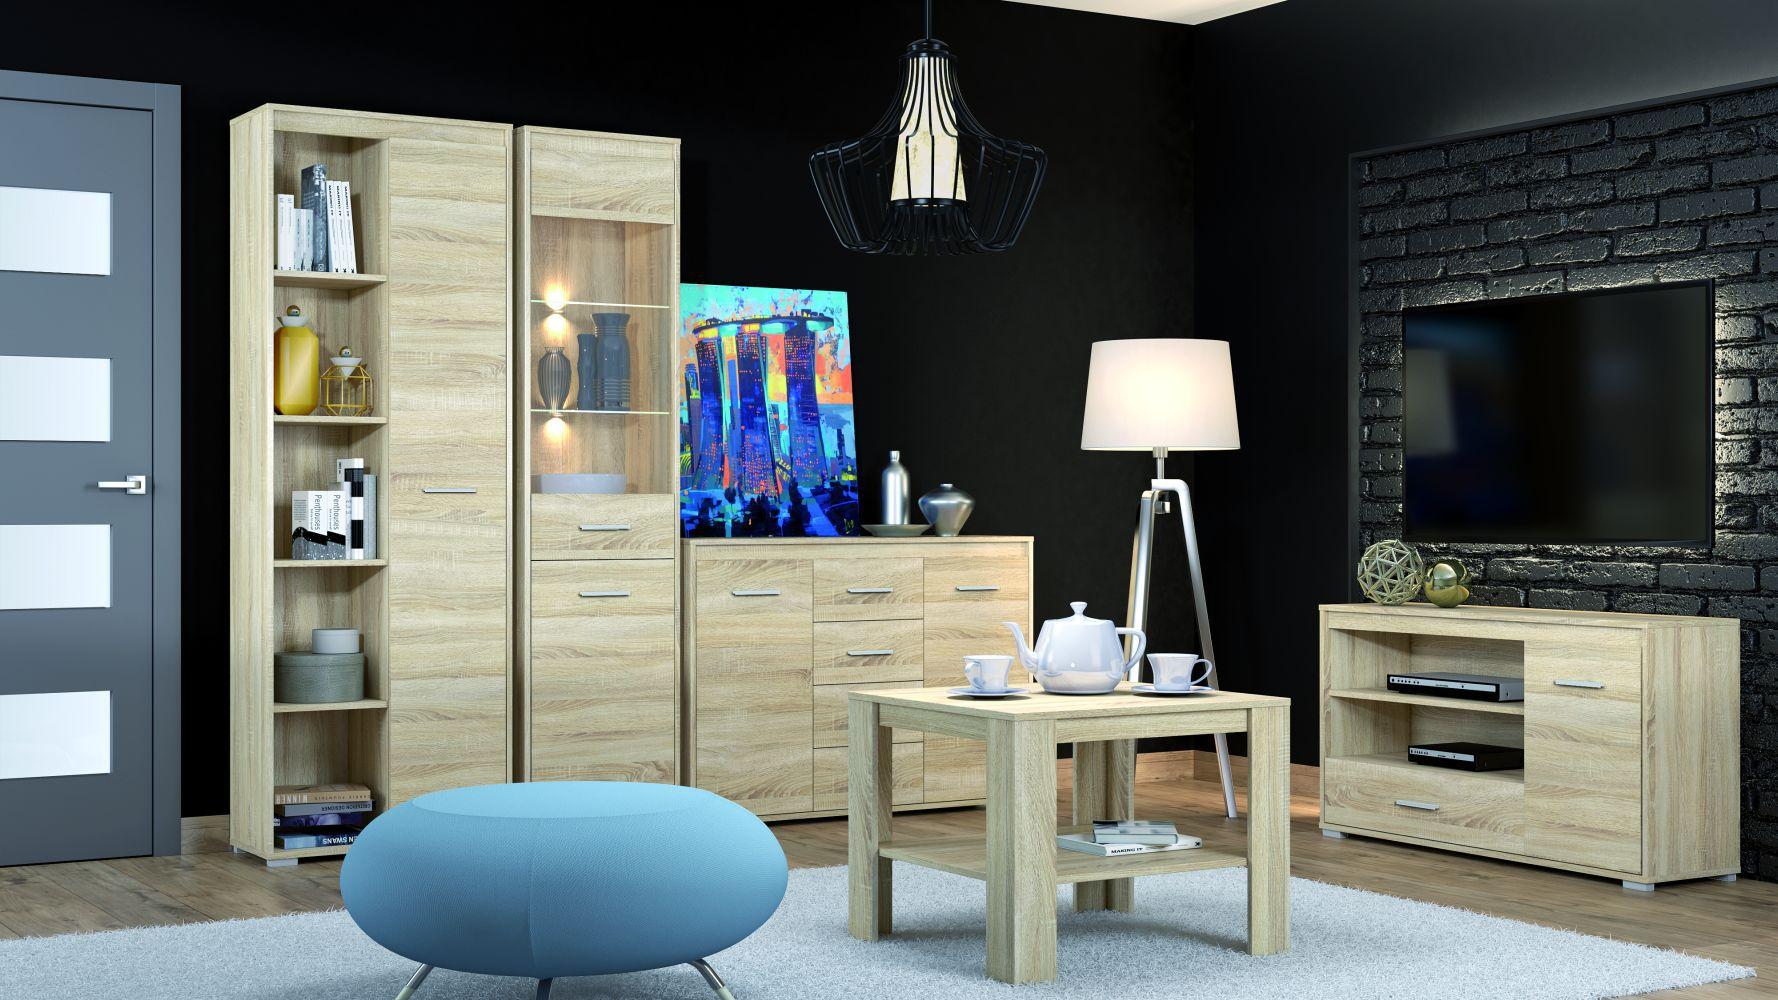 Wohnzimmer Komplett - Set B Mochis, 5-teilig, Farbe: Sonoma Eiche hell inklusive 3 Farbeinsätzen